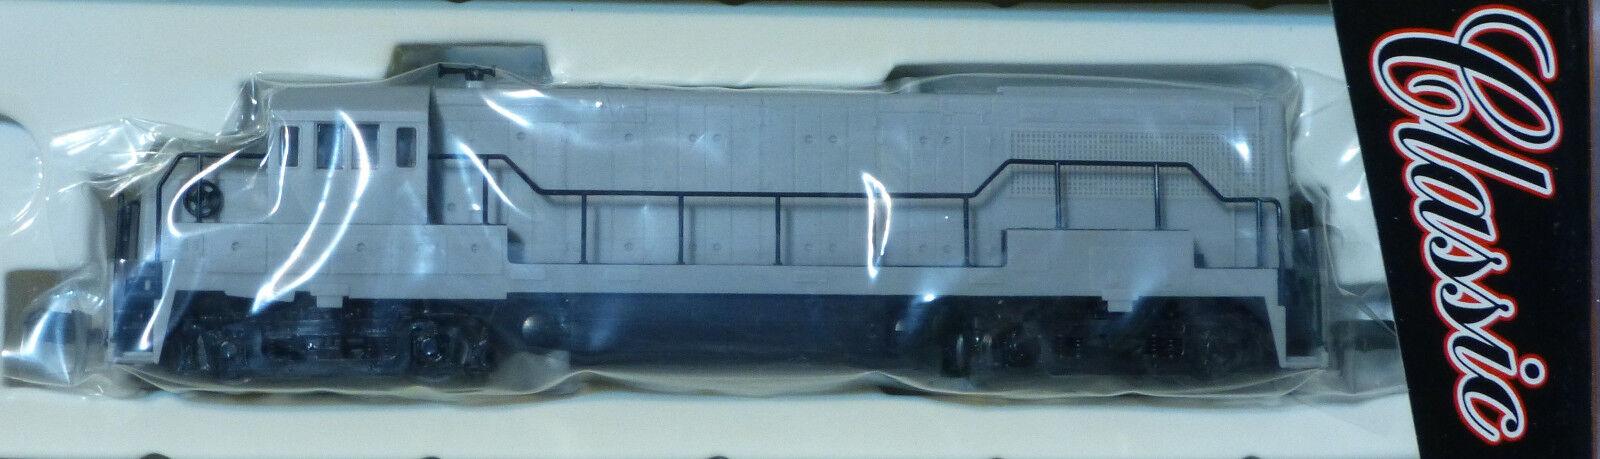 Atlas N Diesel GE U25B Poweröd Undec.